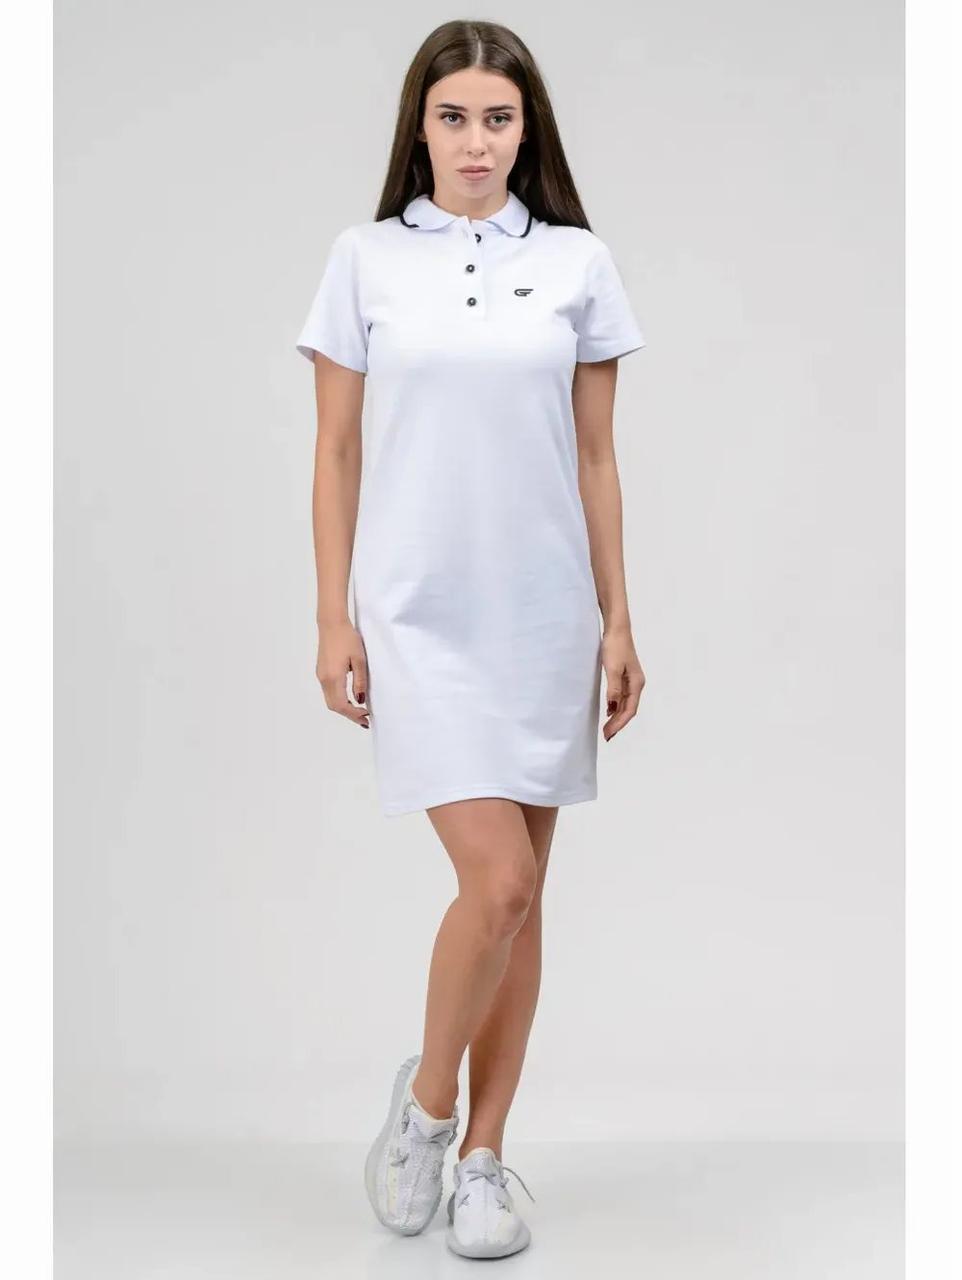 Женское спортивное платье поло PL006-6